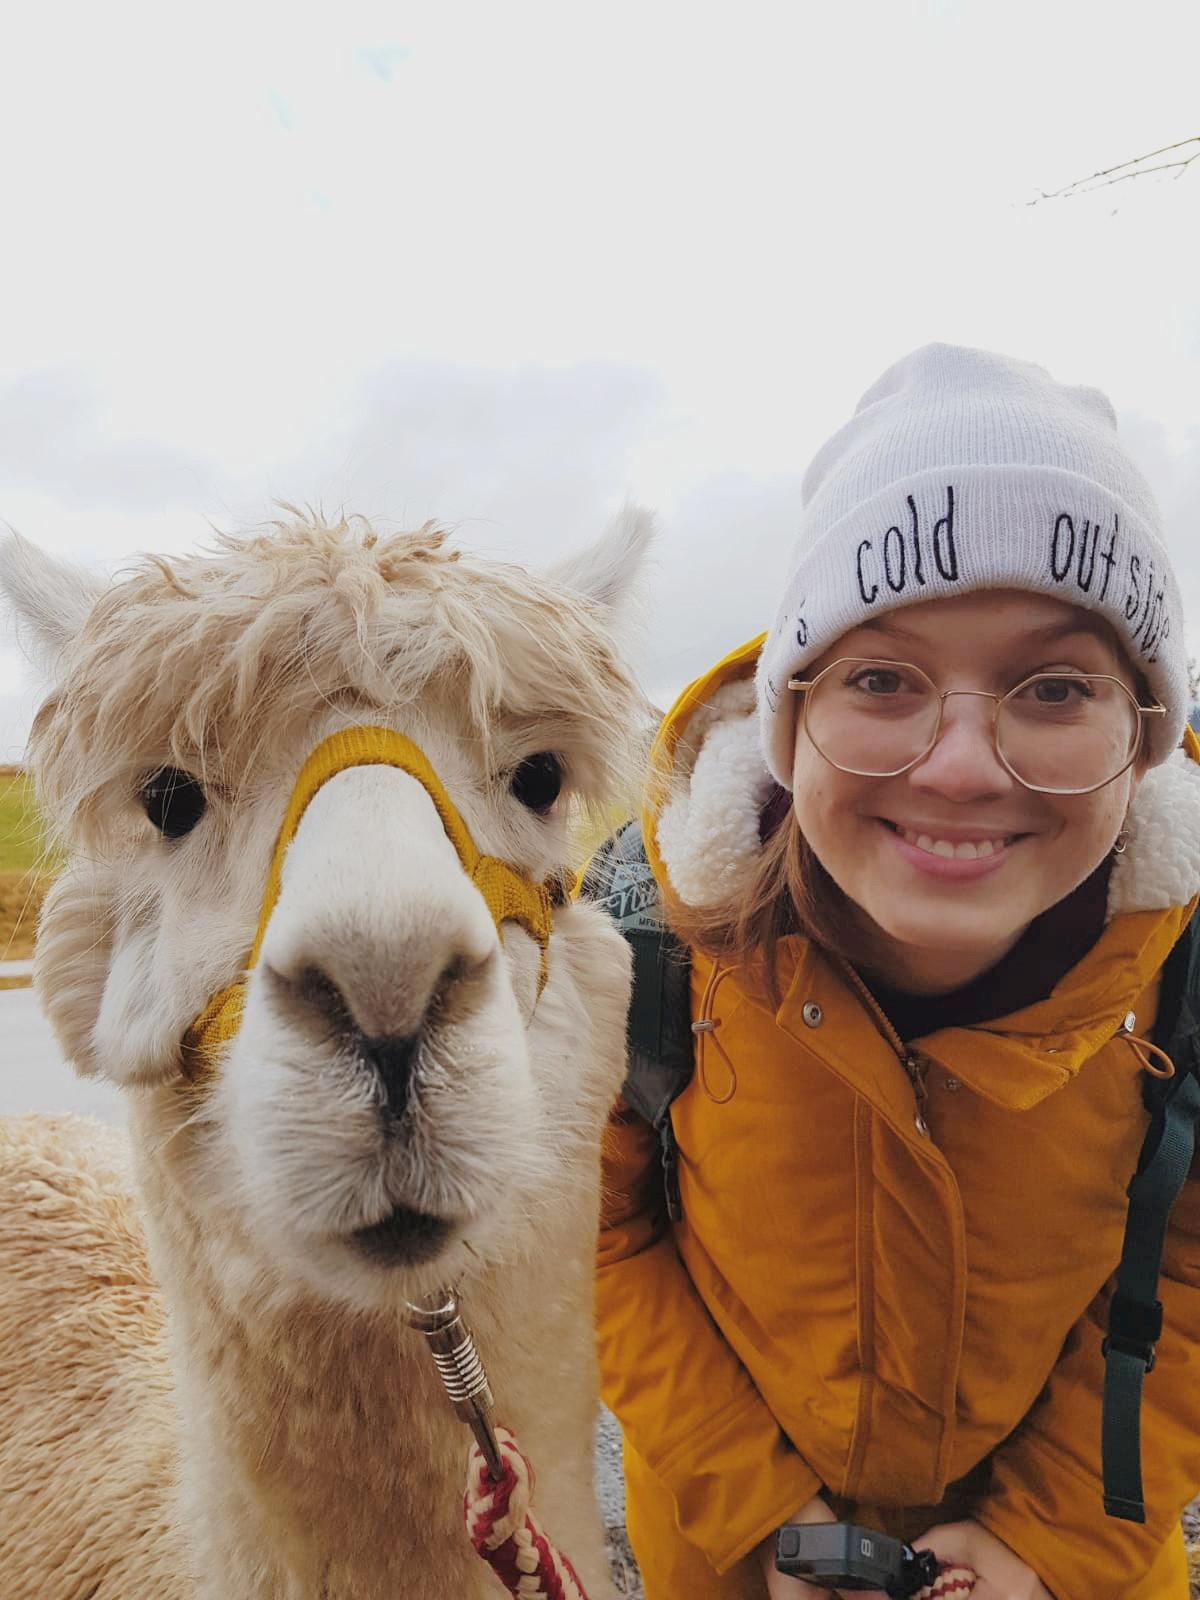 Dieses ist das 6. der lustigen Tierfotos. Es wurde während einer Alpakawanderung gemacht. Pepi war ein sehr freundliches Alpaka! Es ist eines meiner Lieblingsbilder von unseren 6 lustigen Tierfotos auf Reisen